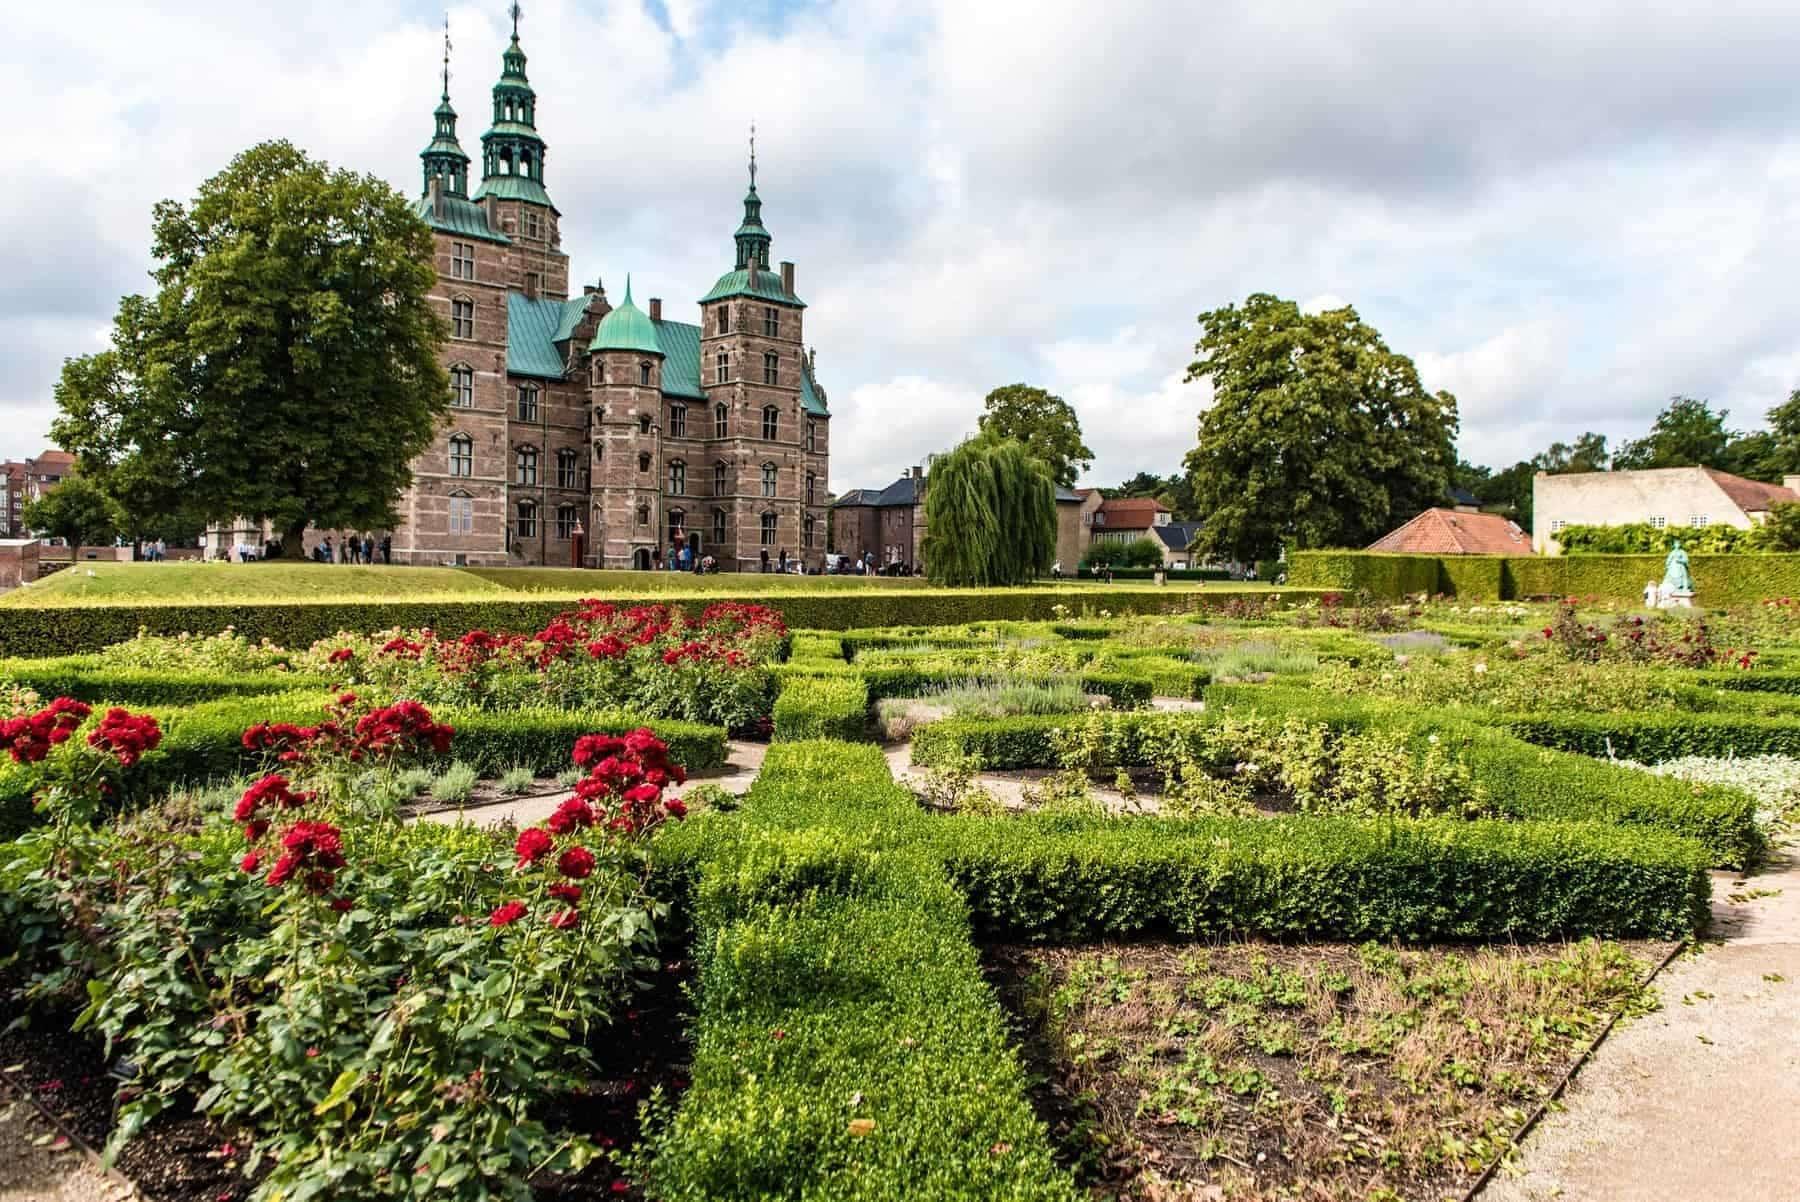 Denmark, Rosenborg Castle in Copenhagen